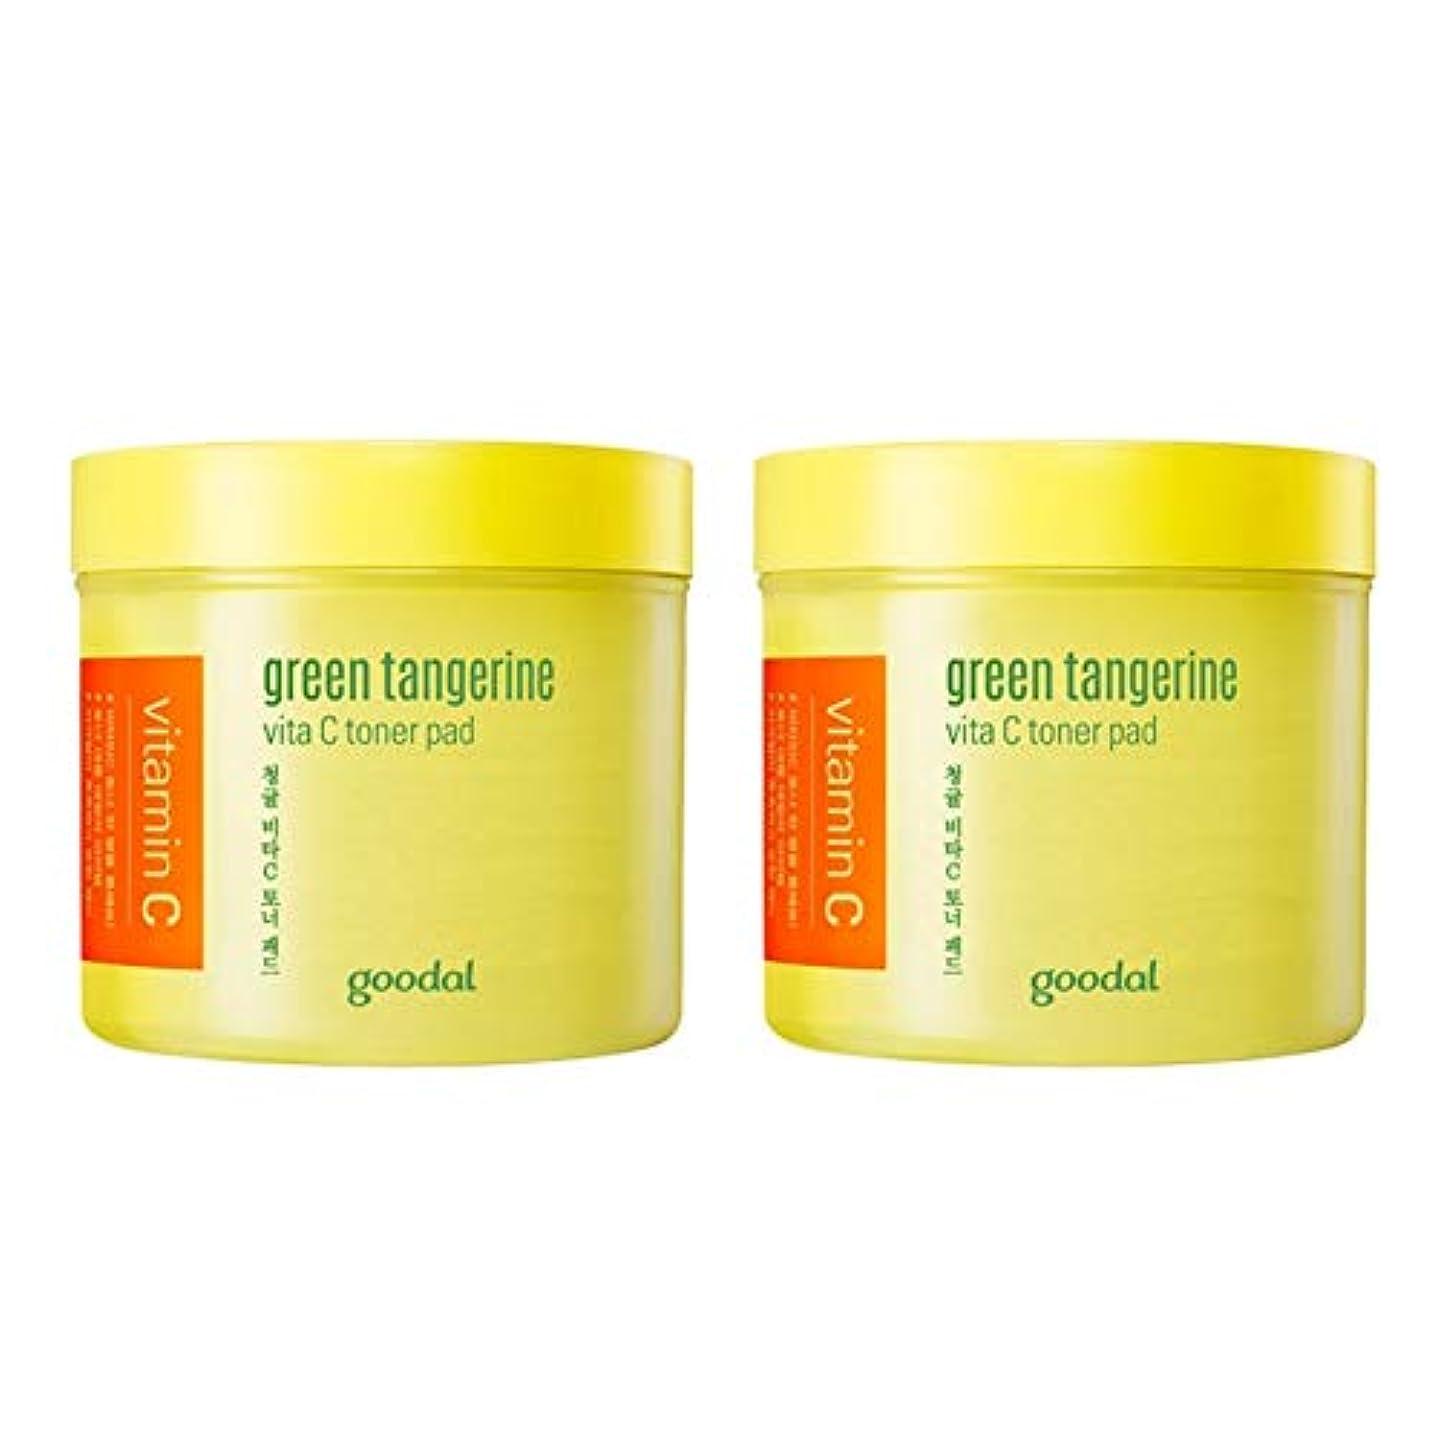 ほかにまぶしさ身元グドール青みかんヴィータCトナーパッド70px2本セット質除去、水分供給 韓国コスメ 、Goodal Green Tangerine Vita C Toner Pad 70p x 2ea Set Korean Cosmetics...